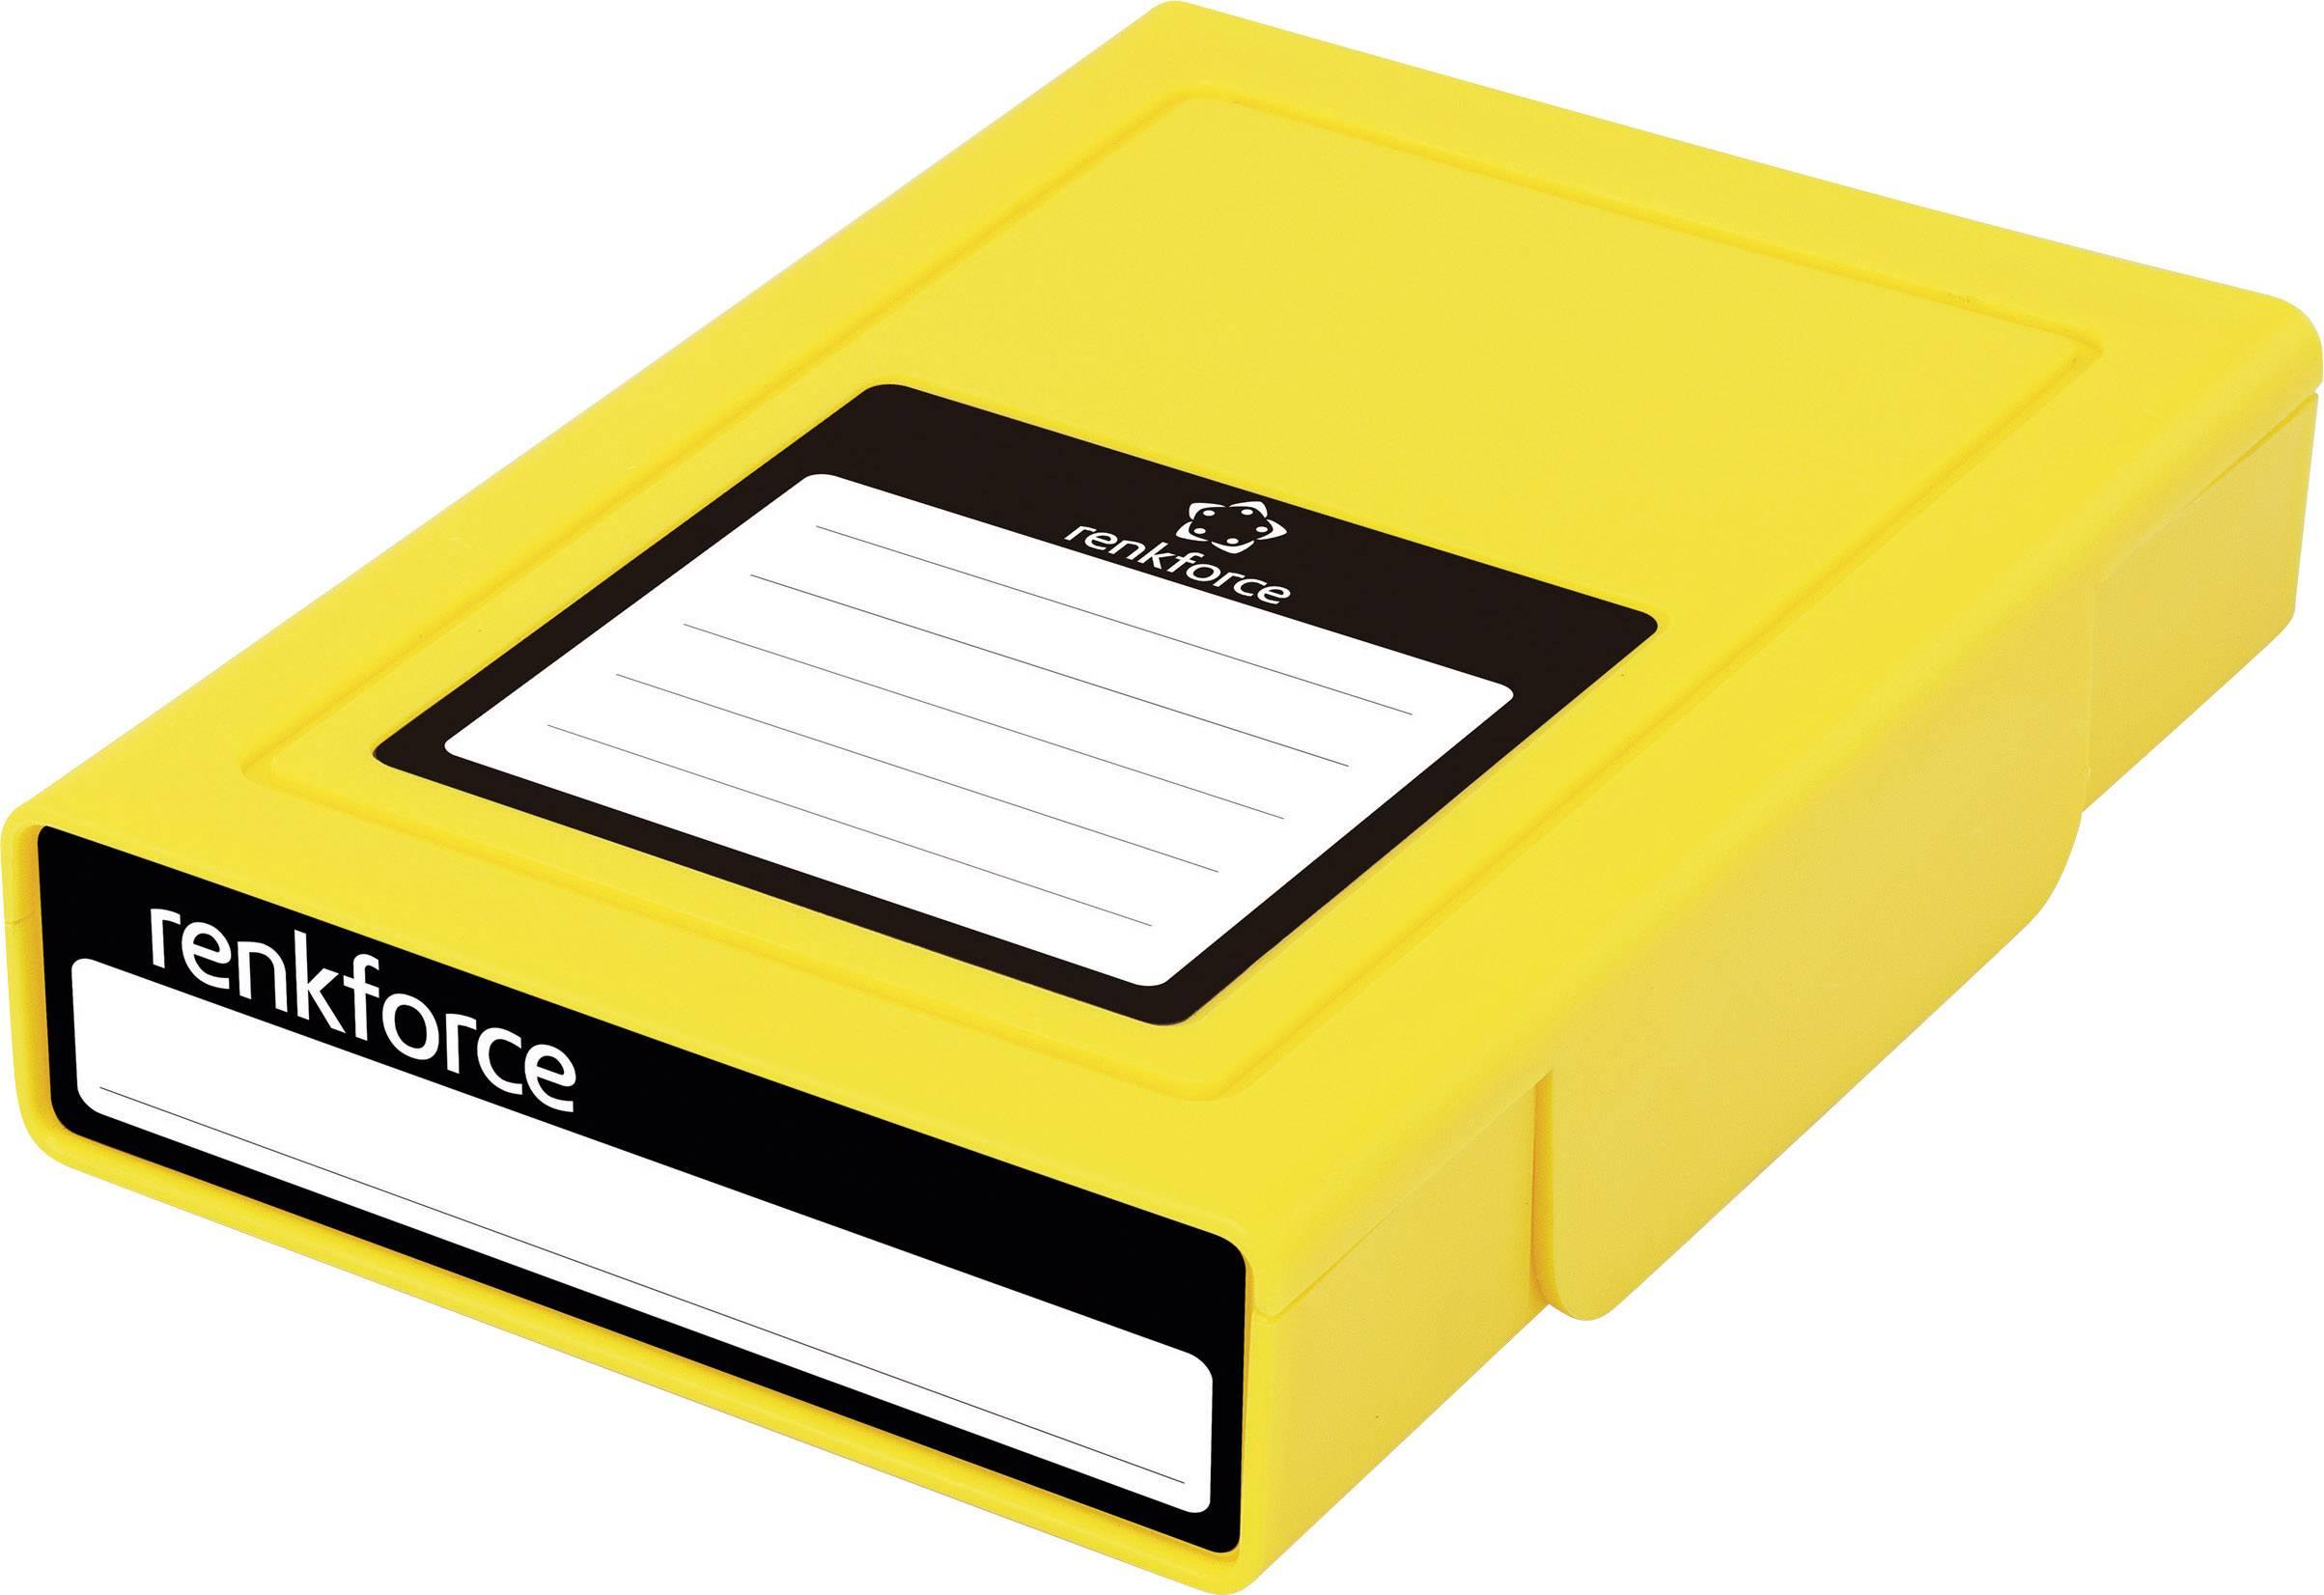 """Púzdro na pevný disk Renkforce, HY-EB-8500, 3,5"""", žltá"""